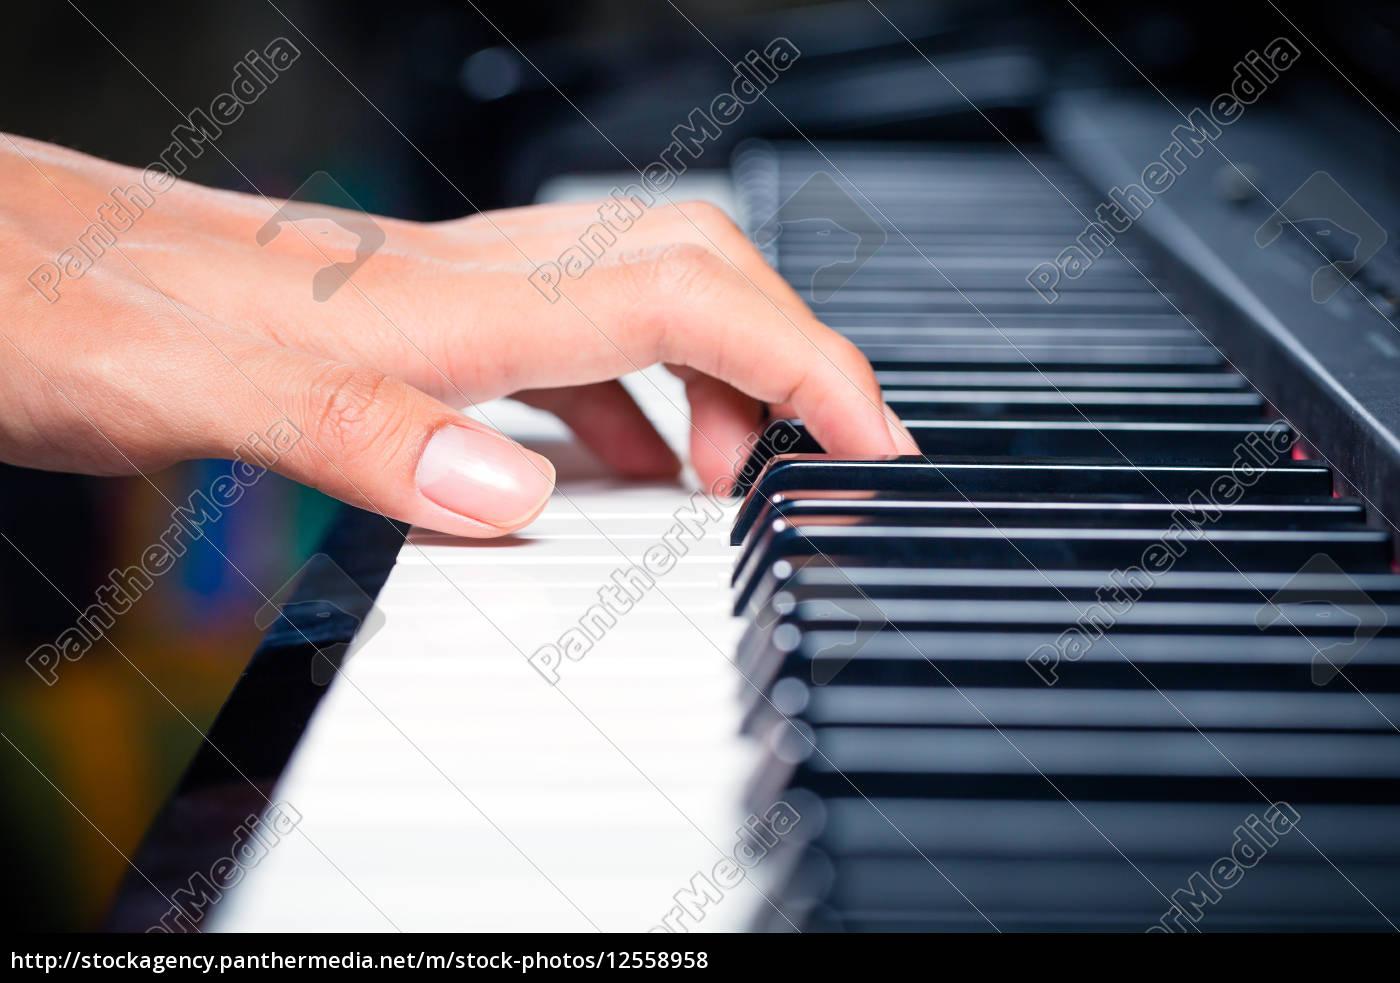 pianista, asiatico, maschio, che, suona, pianoforte - 12558958